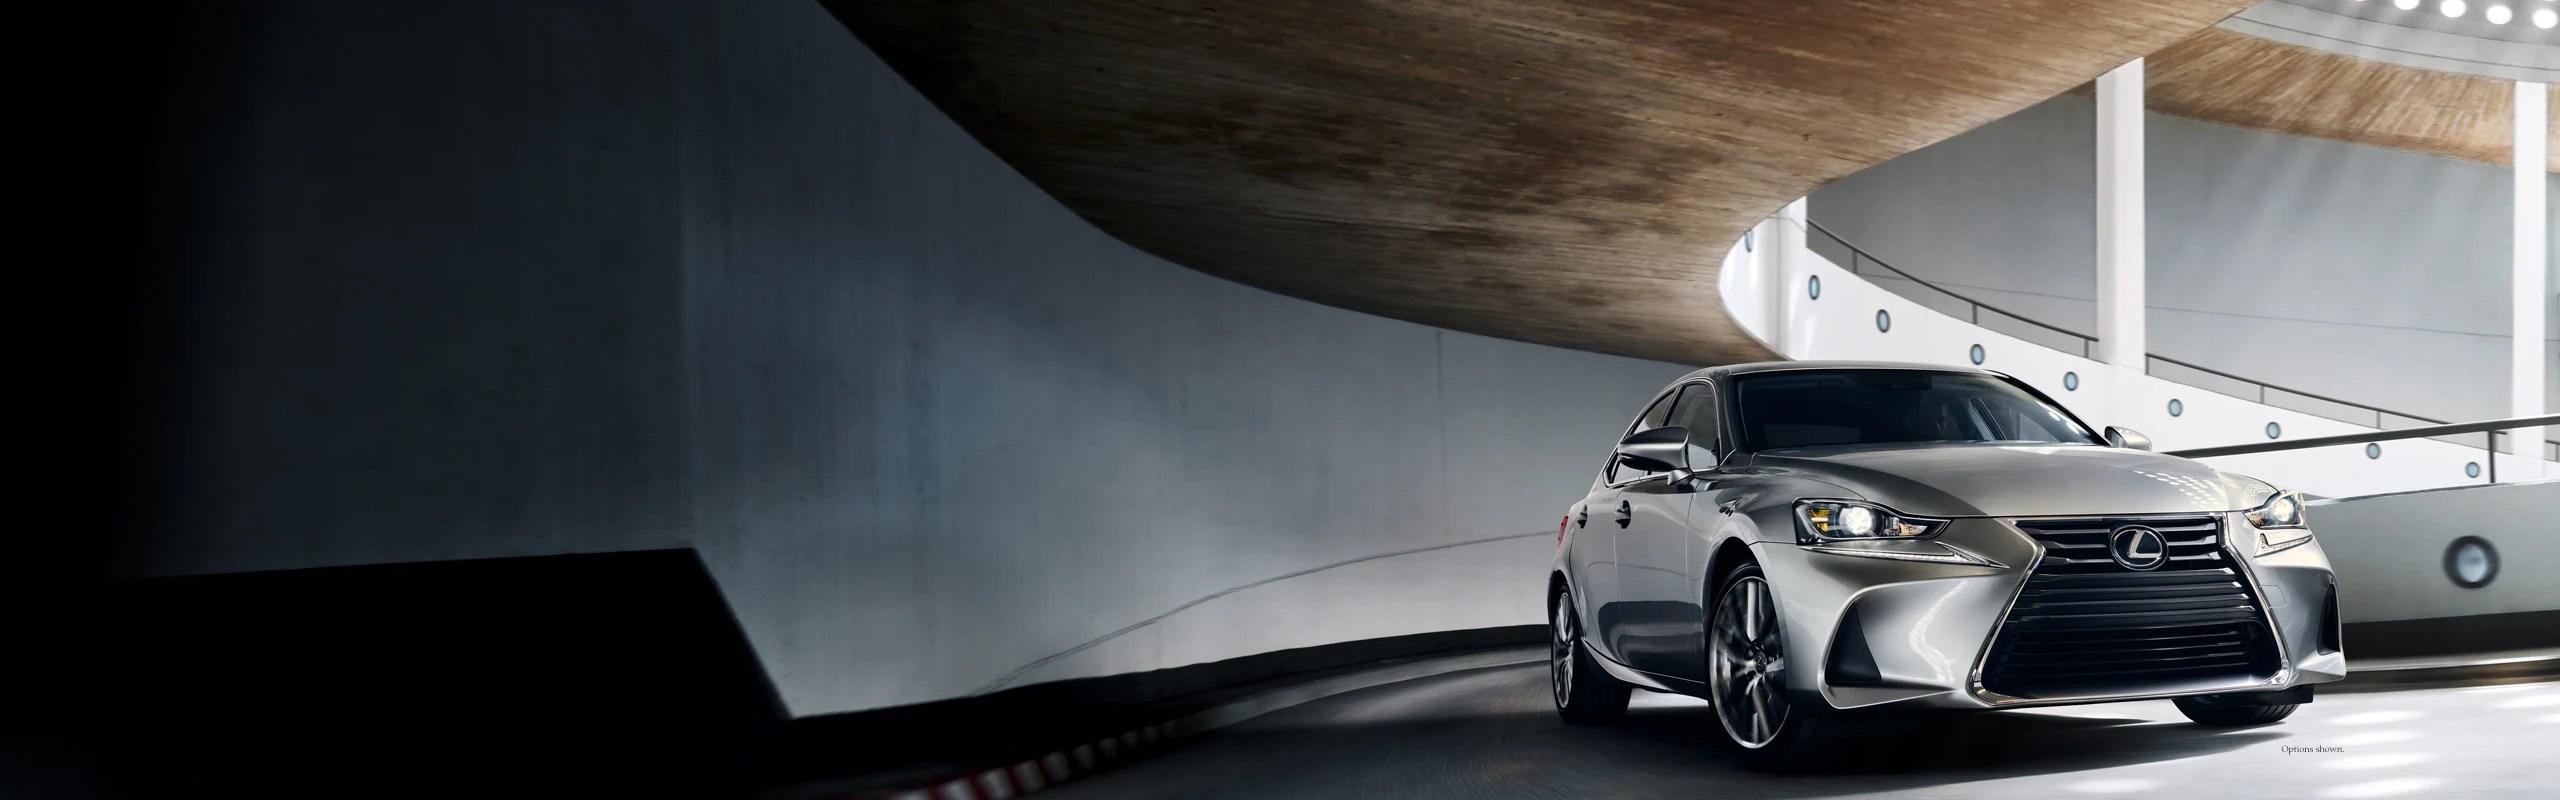 Lexus Dublin